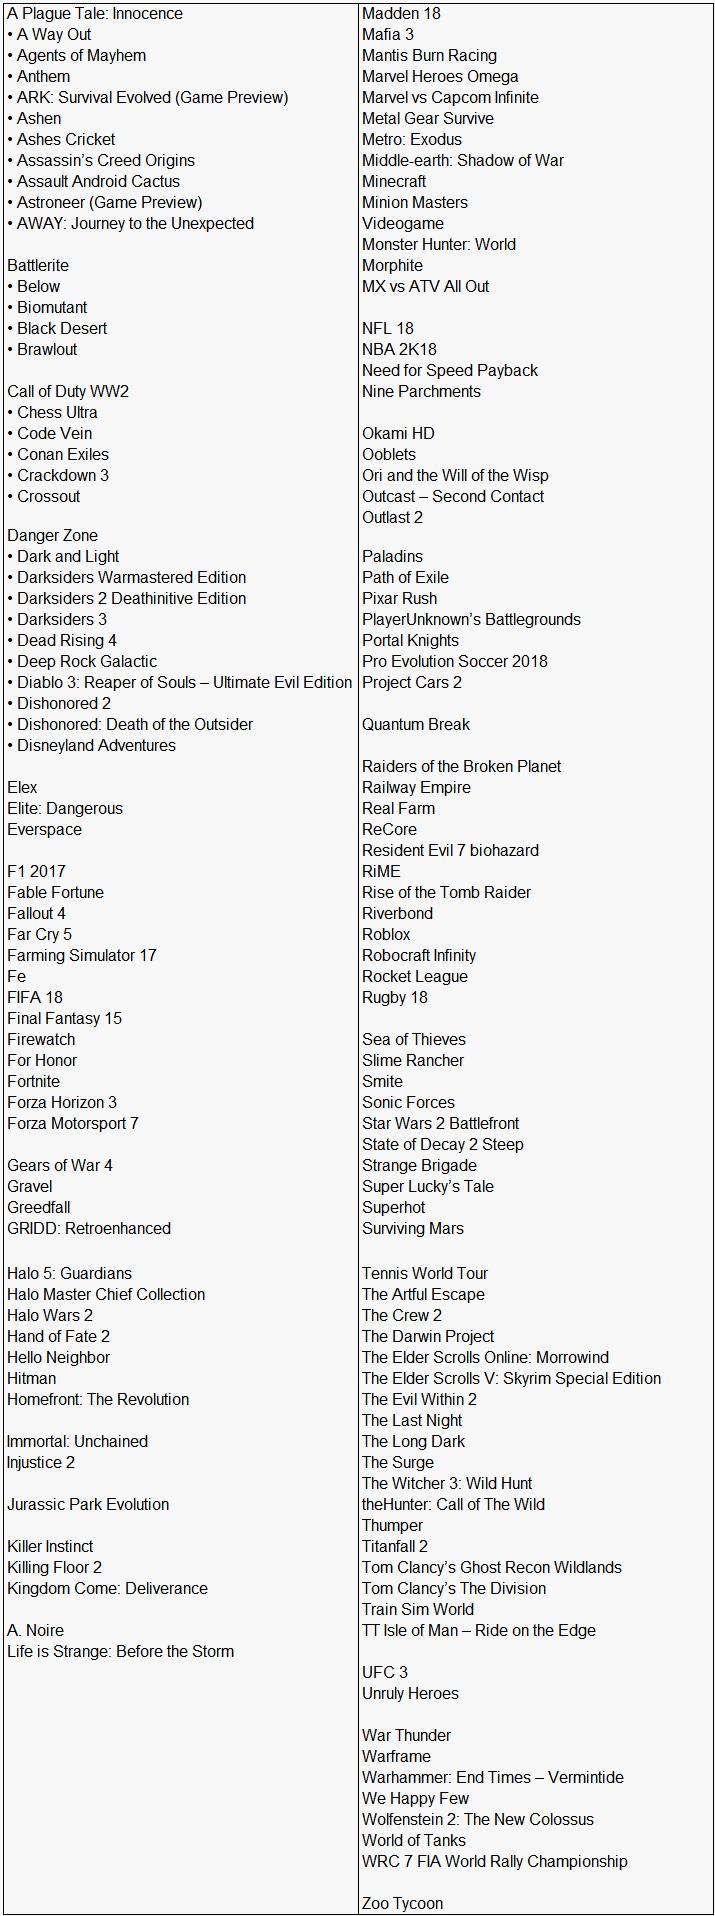 Список игр 4K HDR для Xbox One X